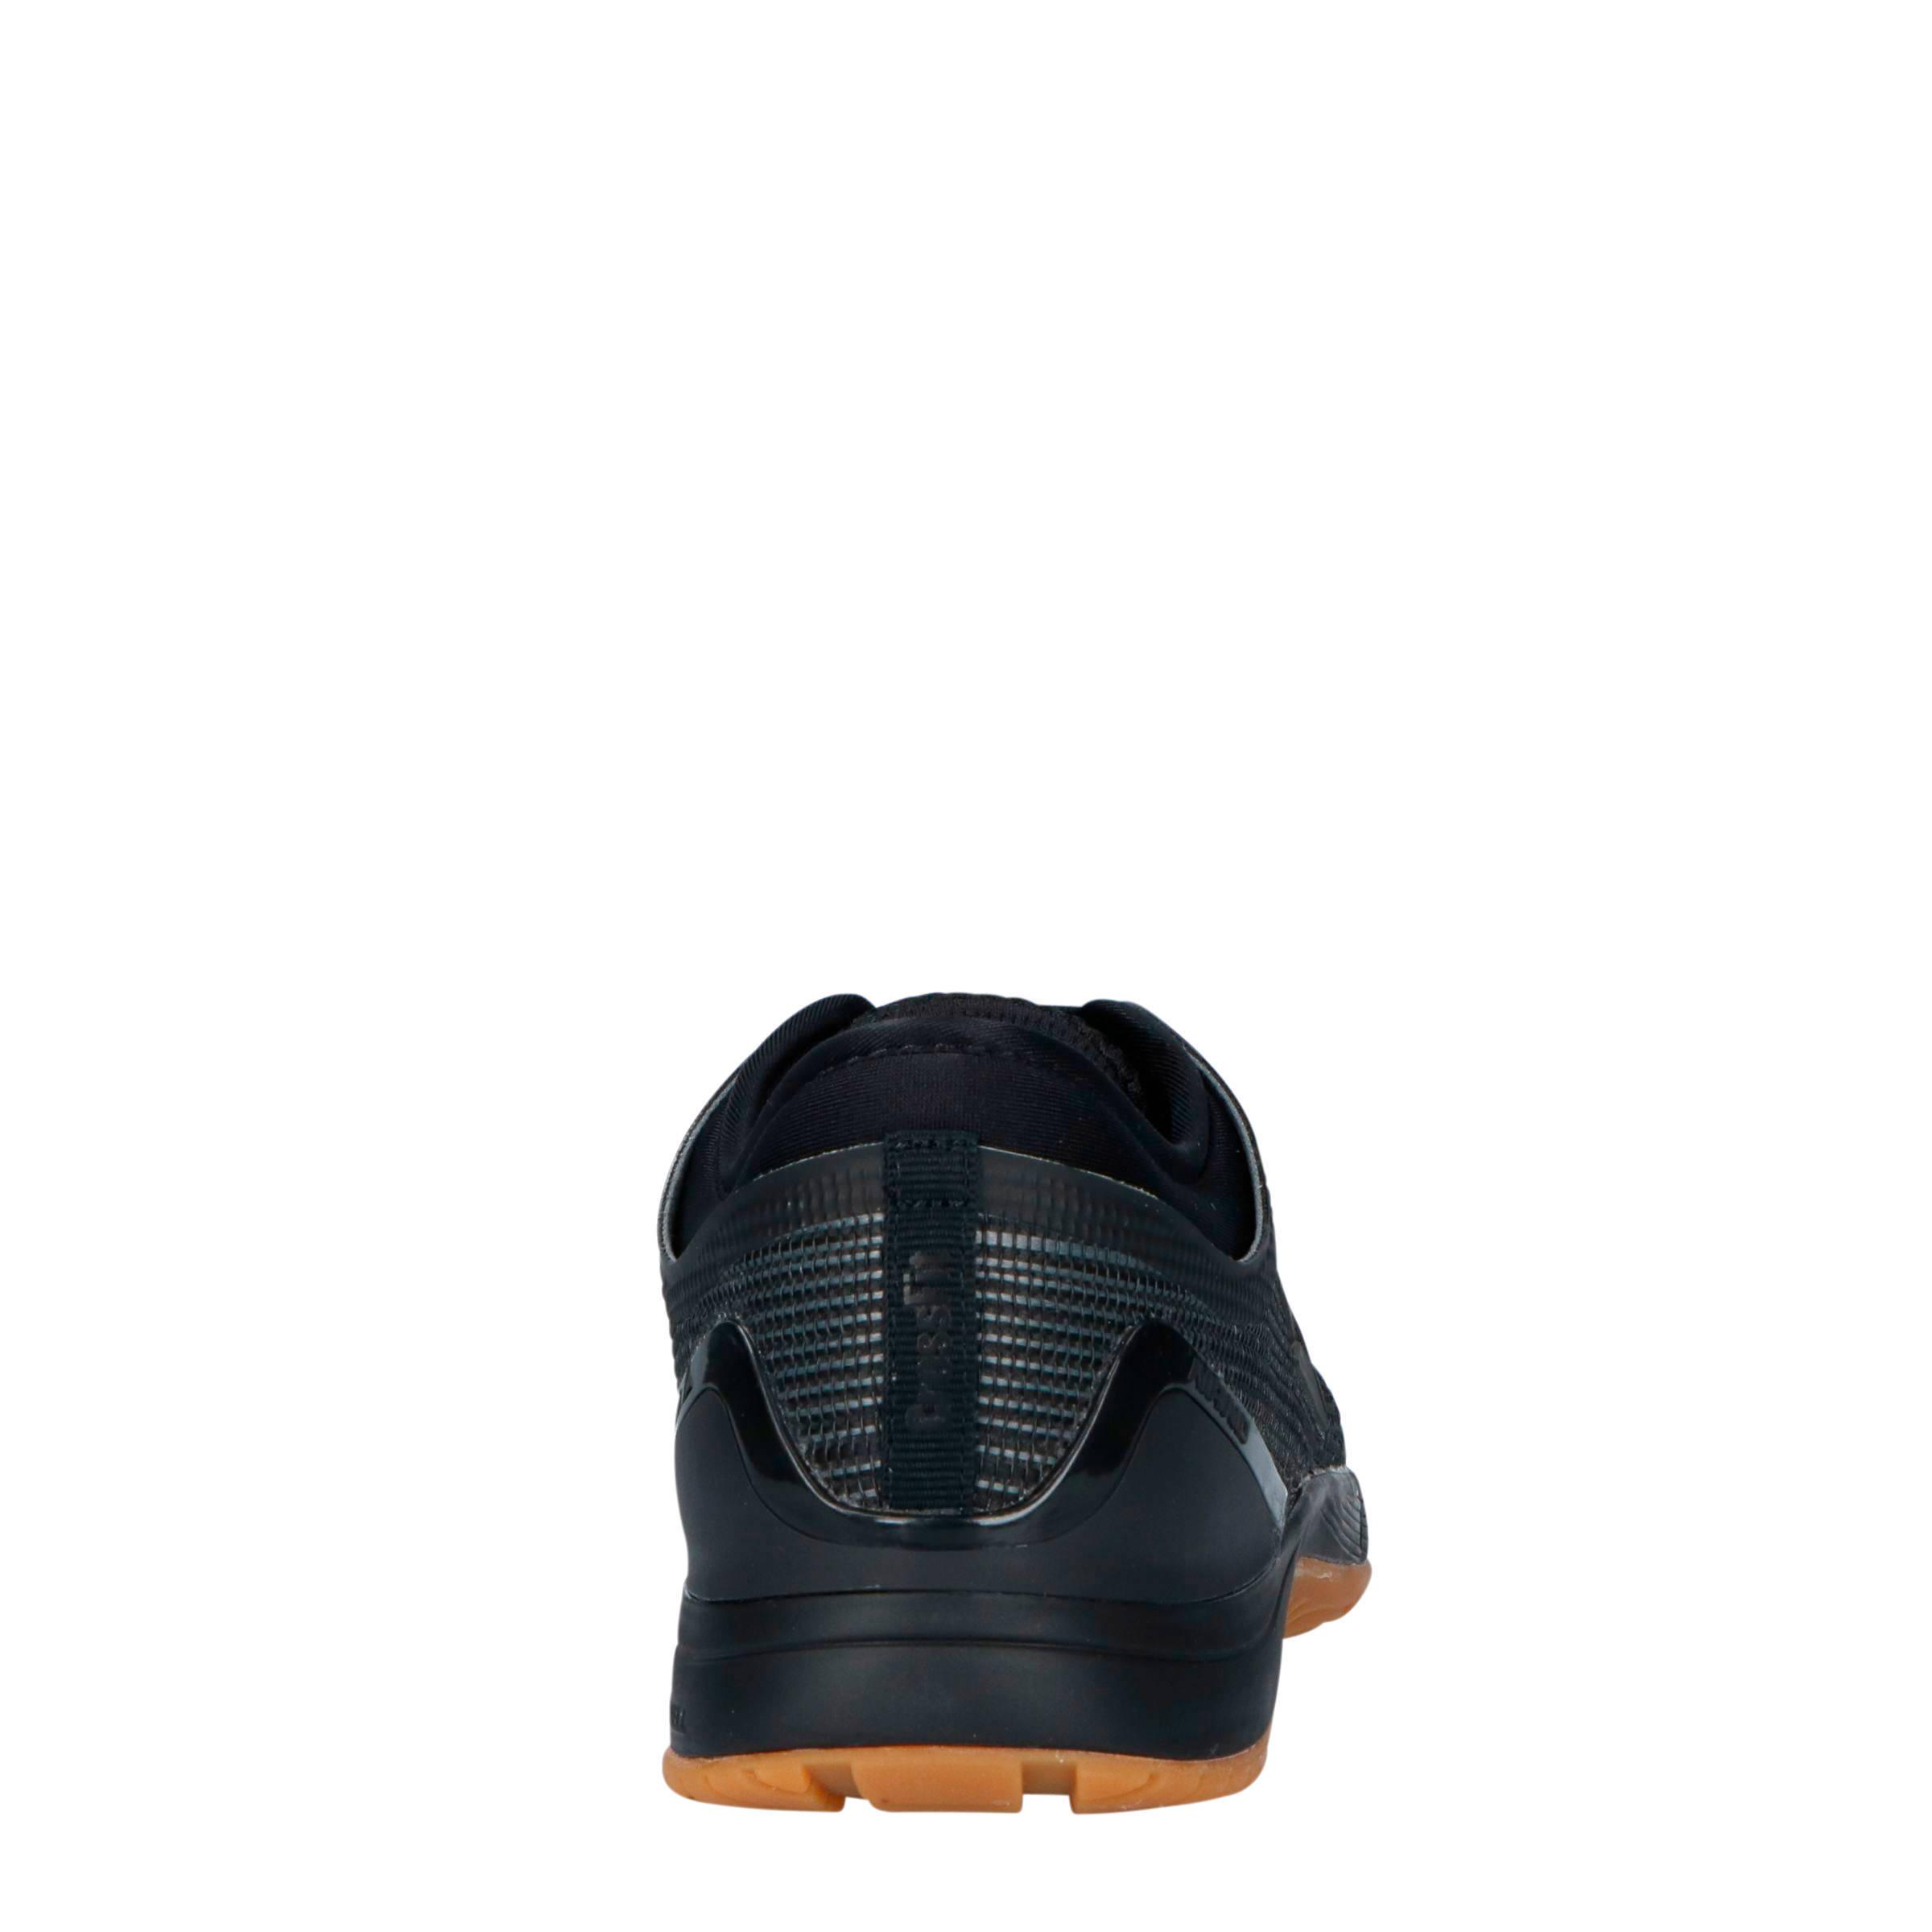 new concept a9529 a75b6 reebok-r-crossfit-nano-8-0-fitness-schoenen-groen-heren-zwart-4059812567146.jpg